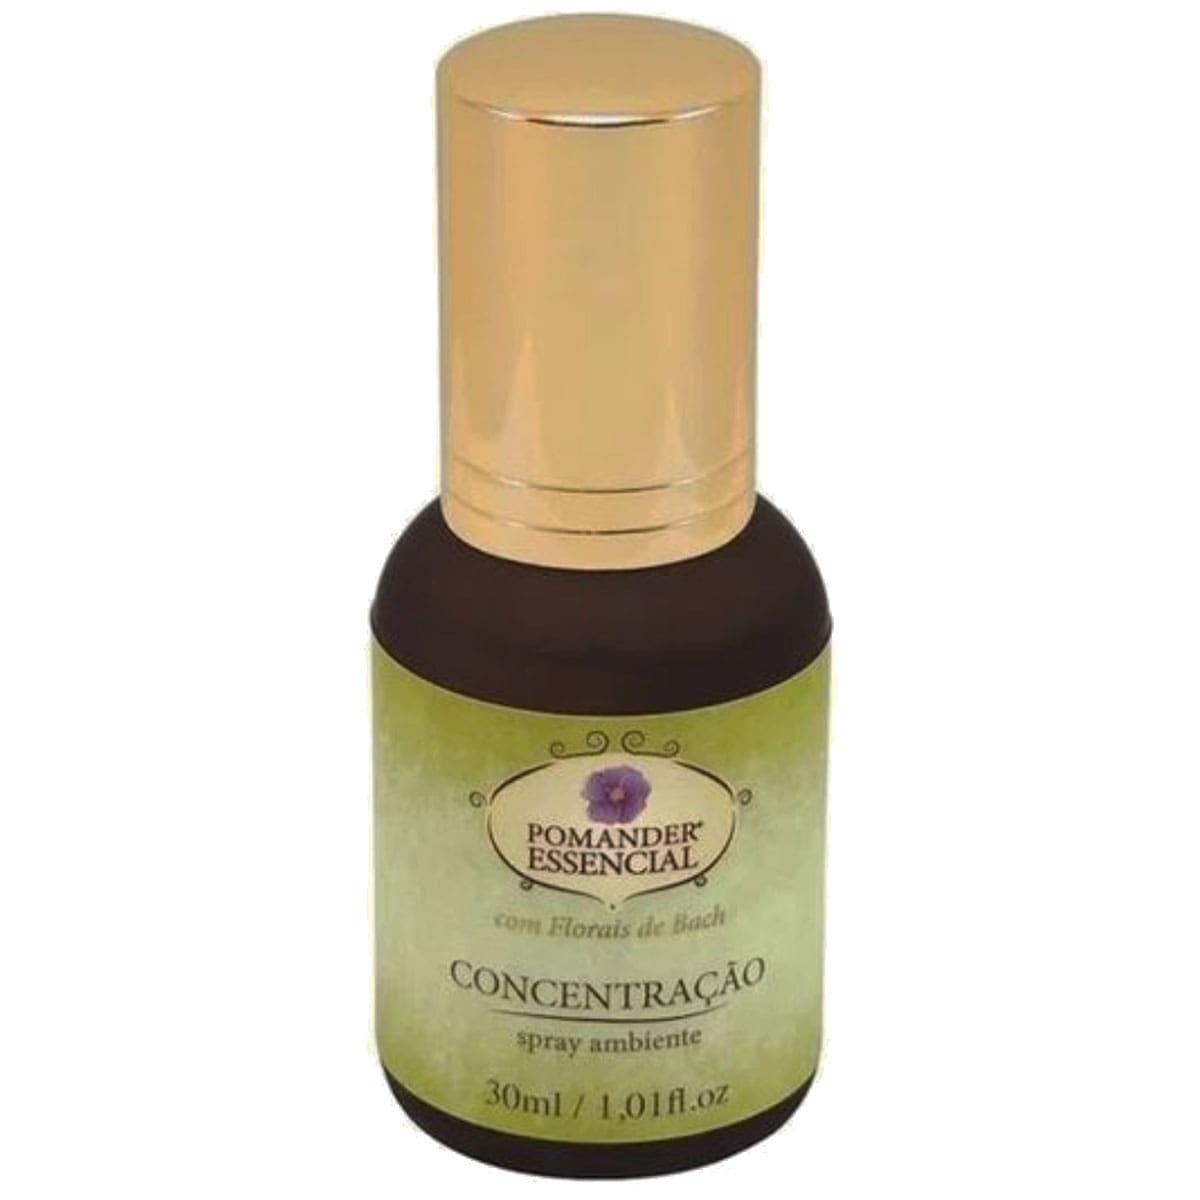 Pomander essencial concentração 30 ml - Monas Flower